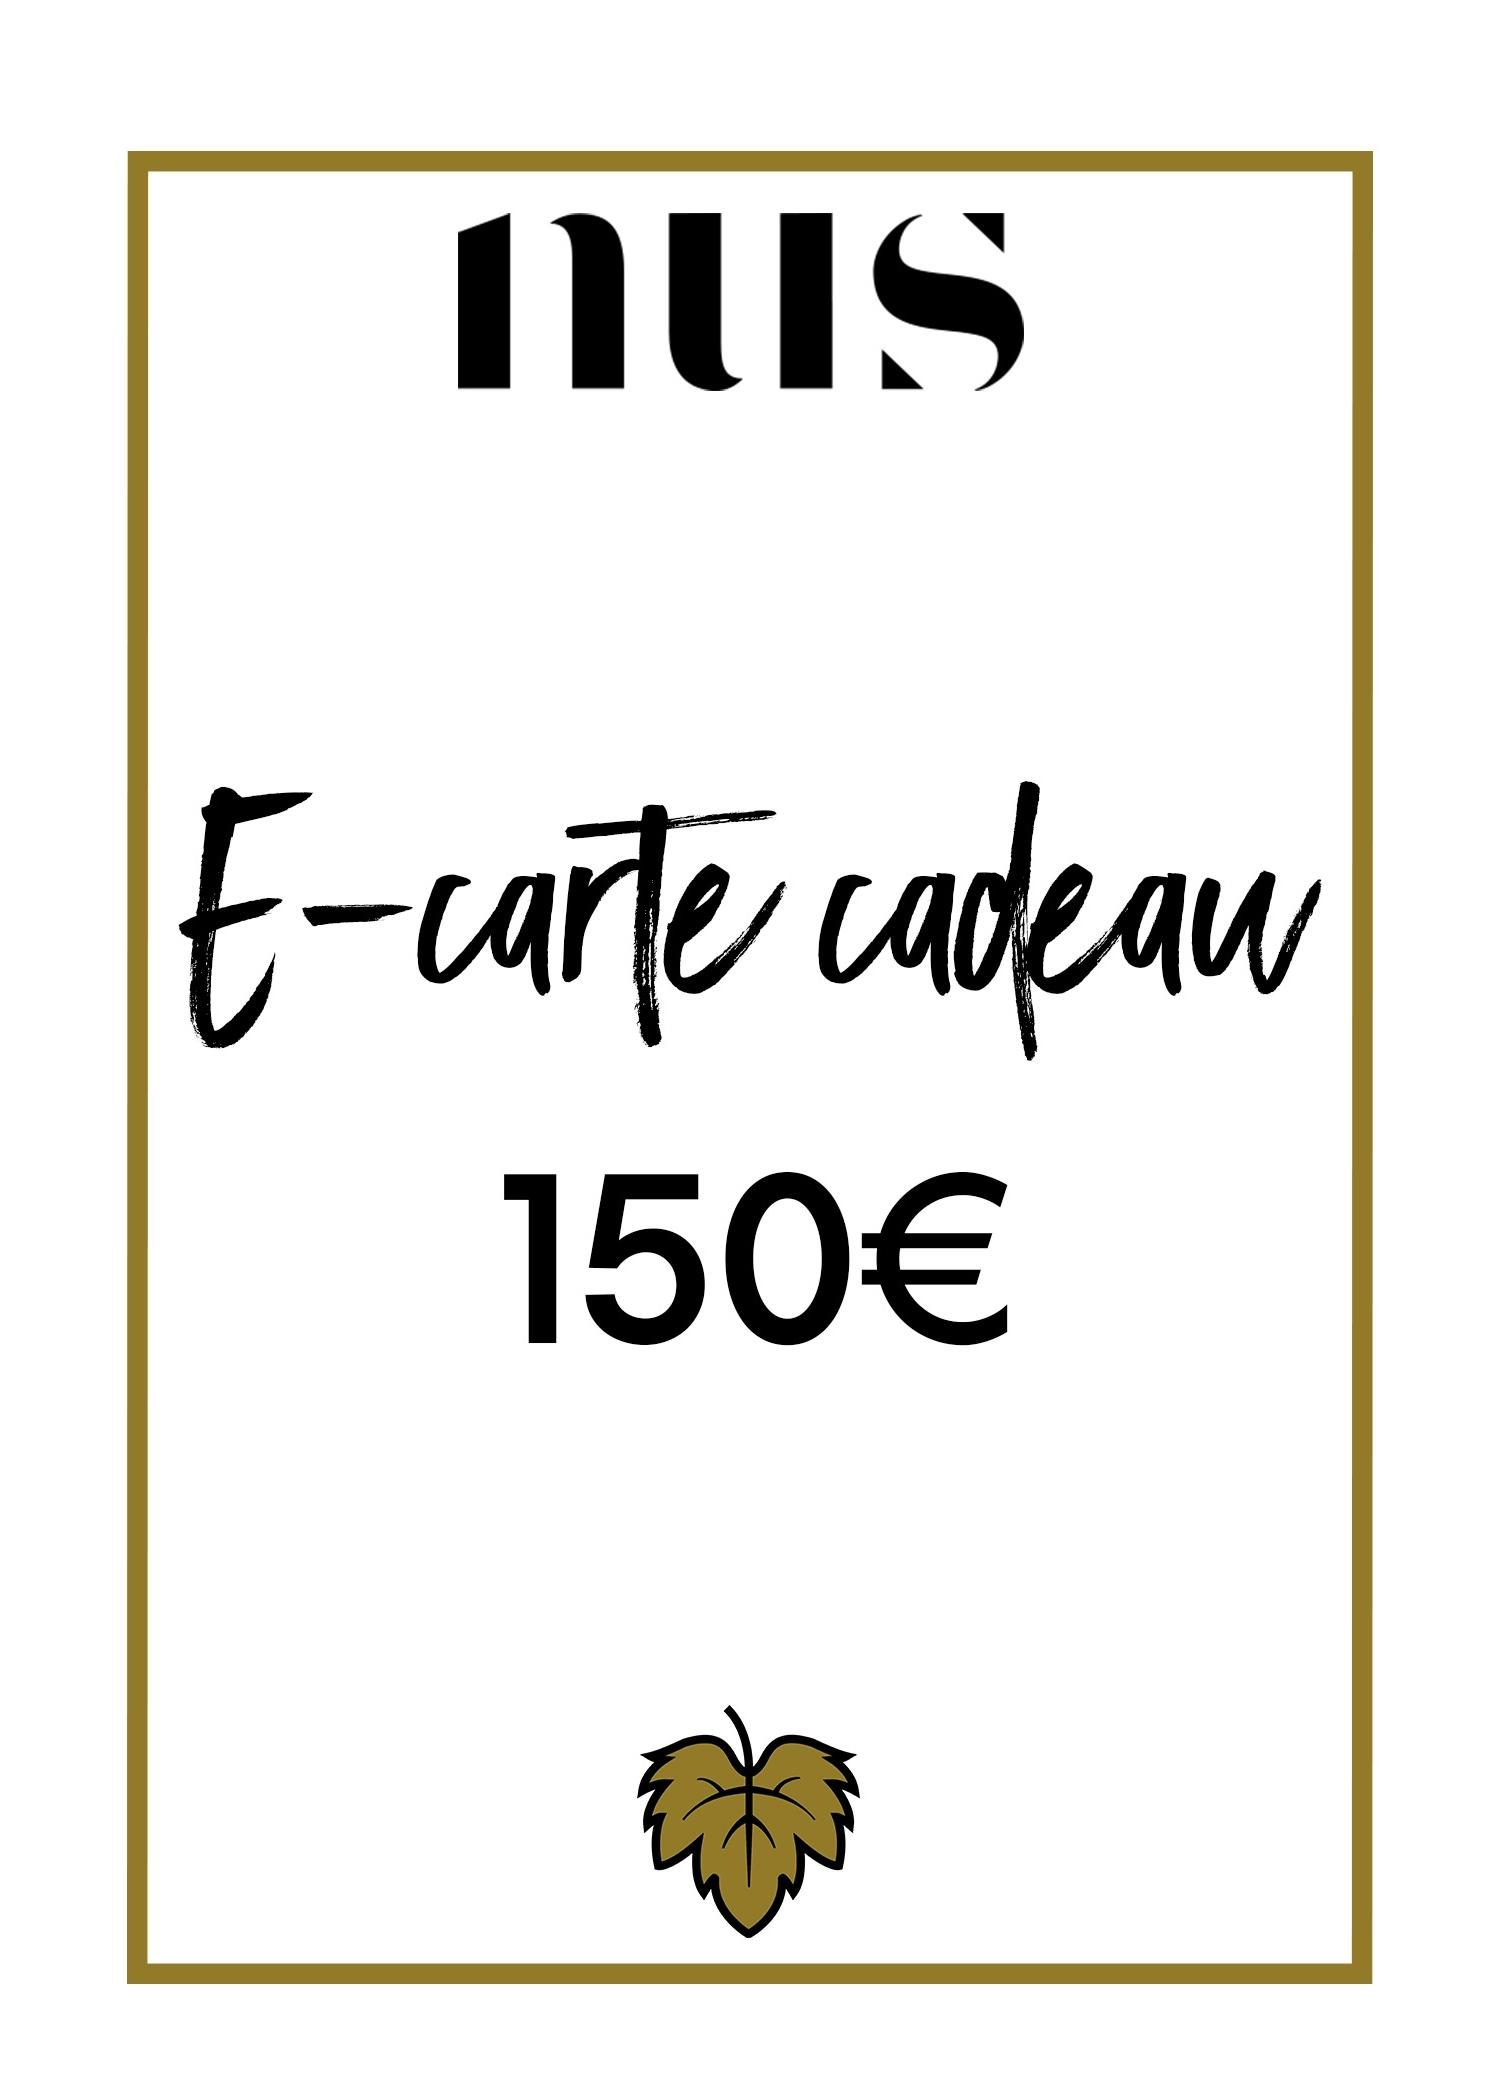 E-CARTE CADEAU 150€